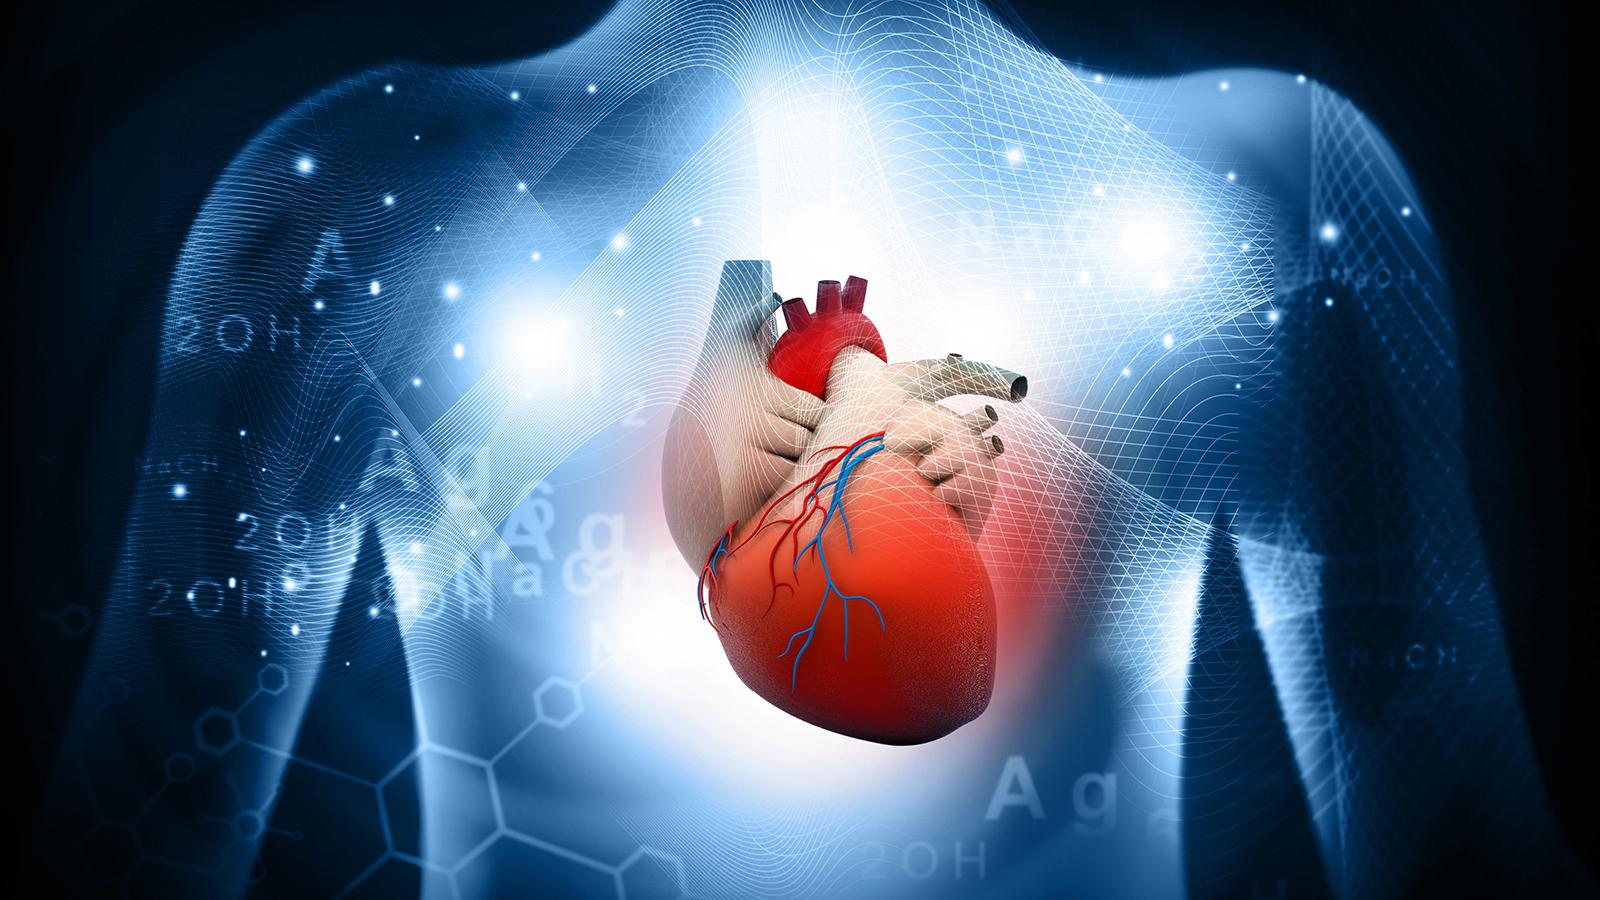 Αθλητισμός Οφέλη Καρδιά: Η τακτική άσκηση μπορεί να συμβάλλει στην πρόληψη της κολπικής μαρμαρυγής [vid]